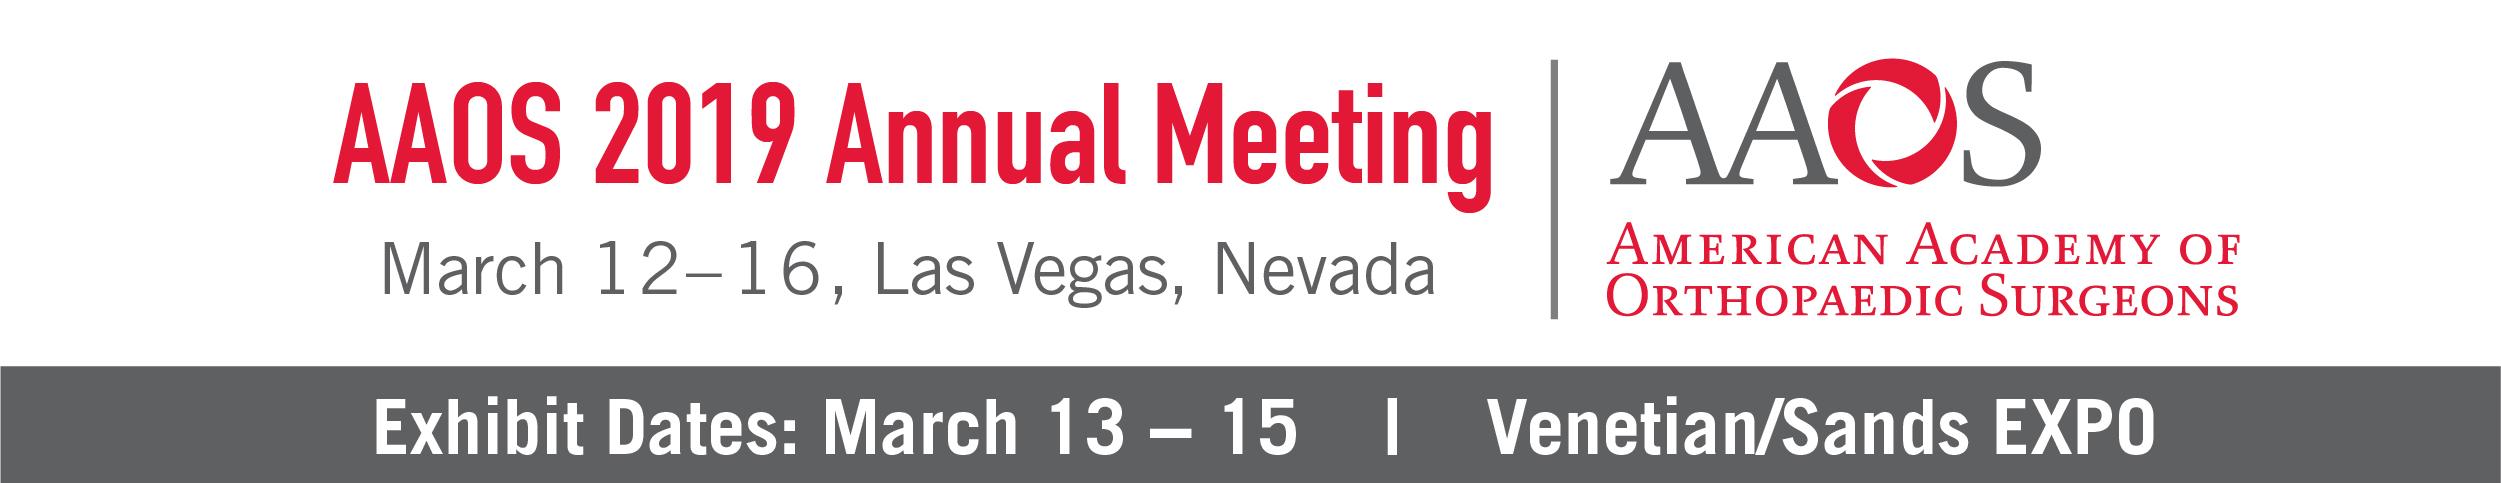 Affiliate/Alumni Meeting Request